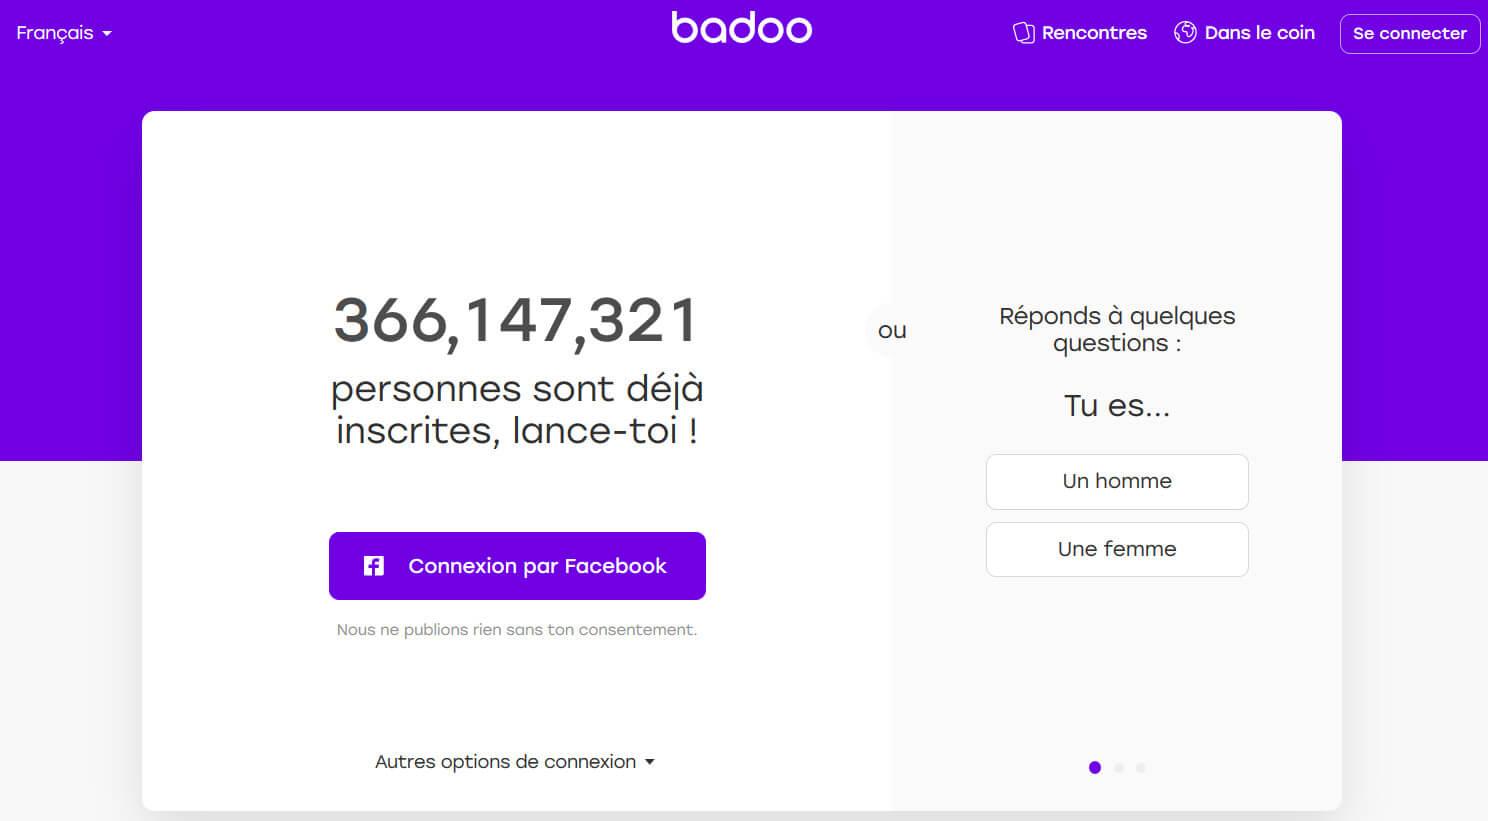 Badoo France: Trouver l'amour parmi des millions de membres